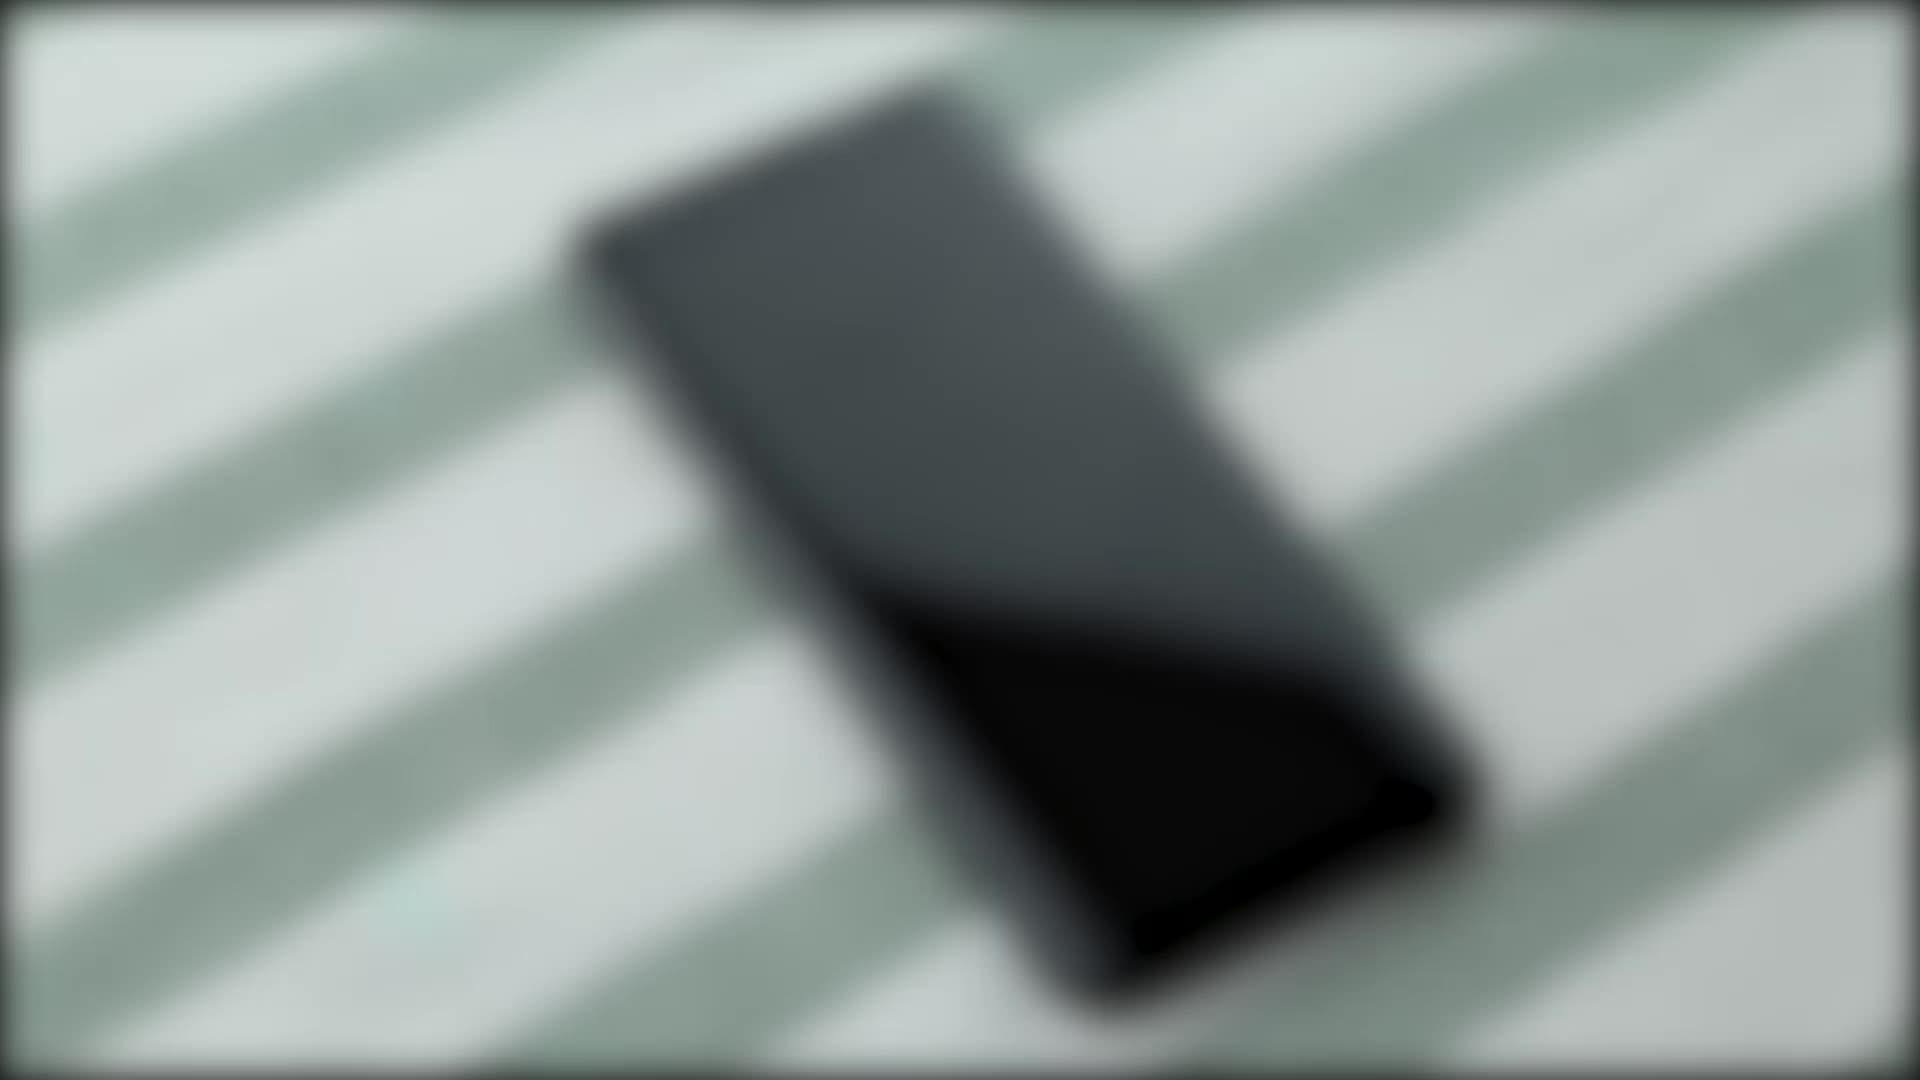 واقي للشاشة من الزجاج المُقسى يونيفرسال ثلاثي الأبعاد واقي للشاشة لهاتف شاومي 9 9H صلابة HD زجاج مقسى 2.5D حافة